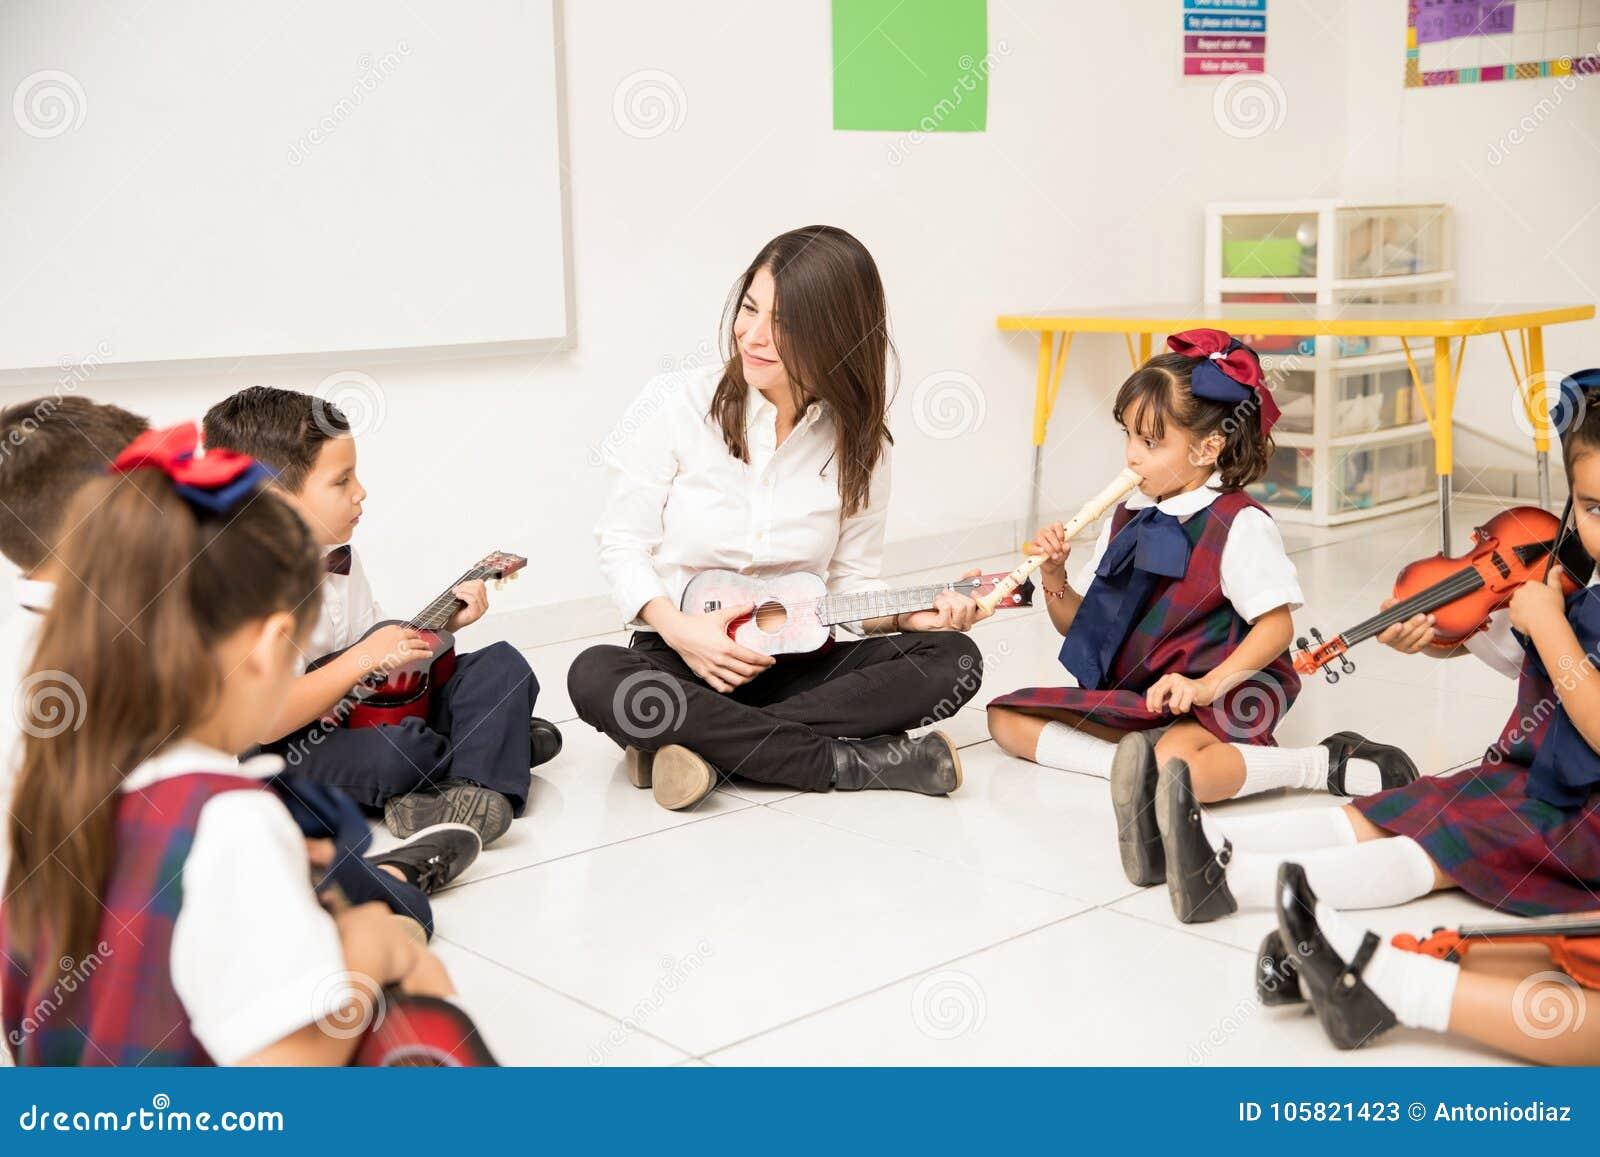 happy music teacher in preschool stock image